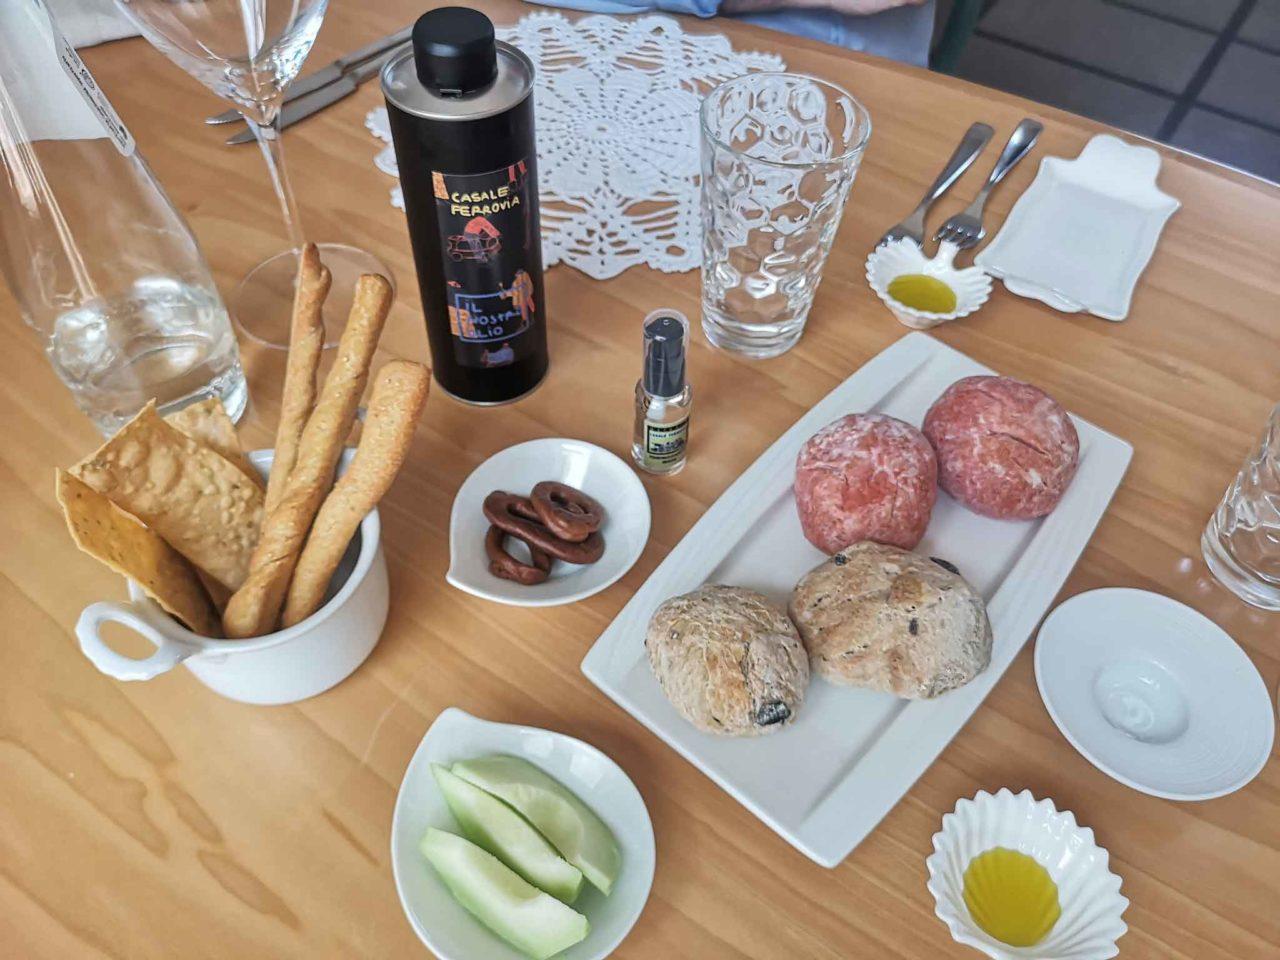 Osteria Casale Ferrovia Carovigno Puglia aperitivo della casa prima della parmigiana di melanzane e pasta